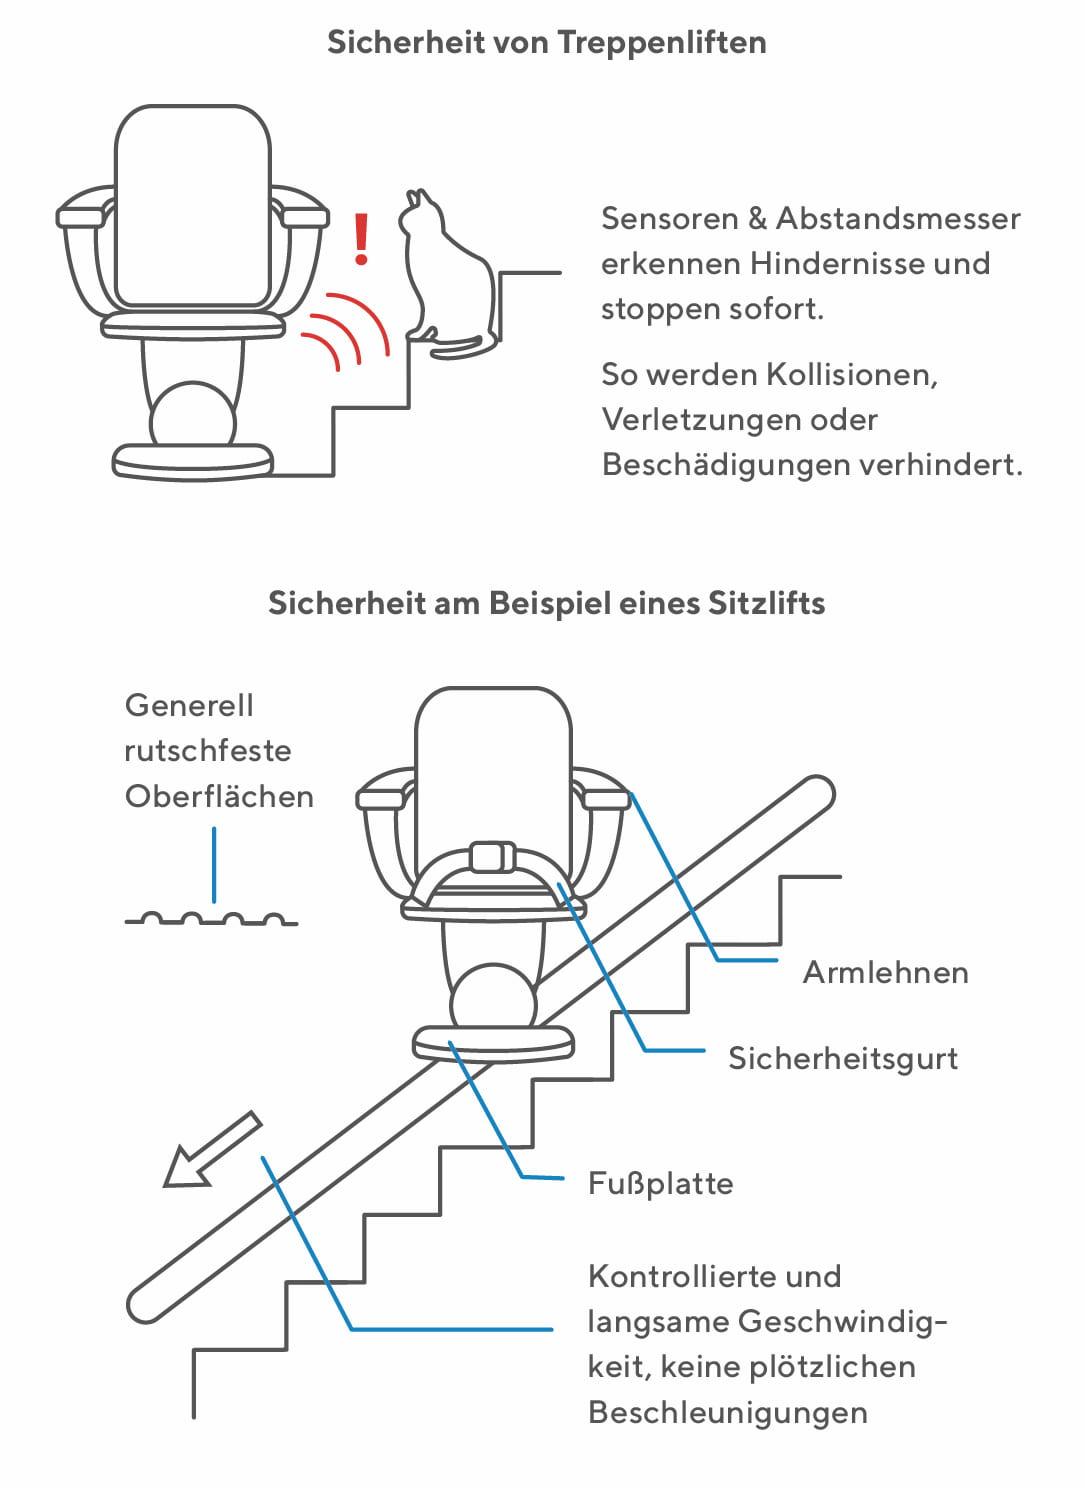 Treppenlifte sind sicher und leicht zu bedienen